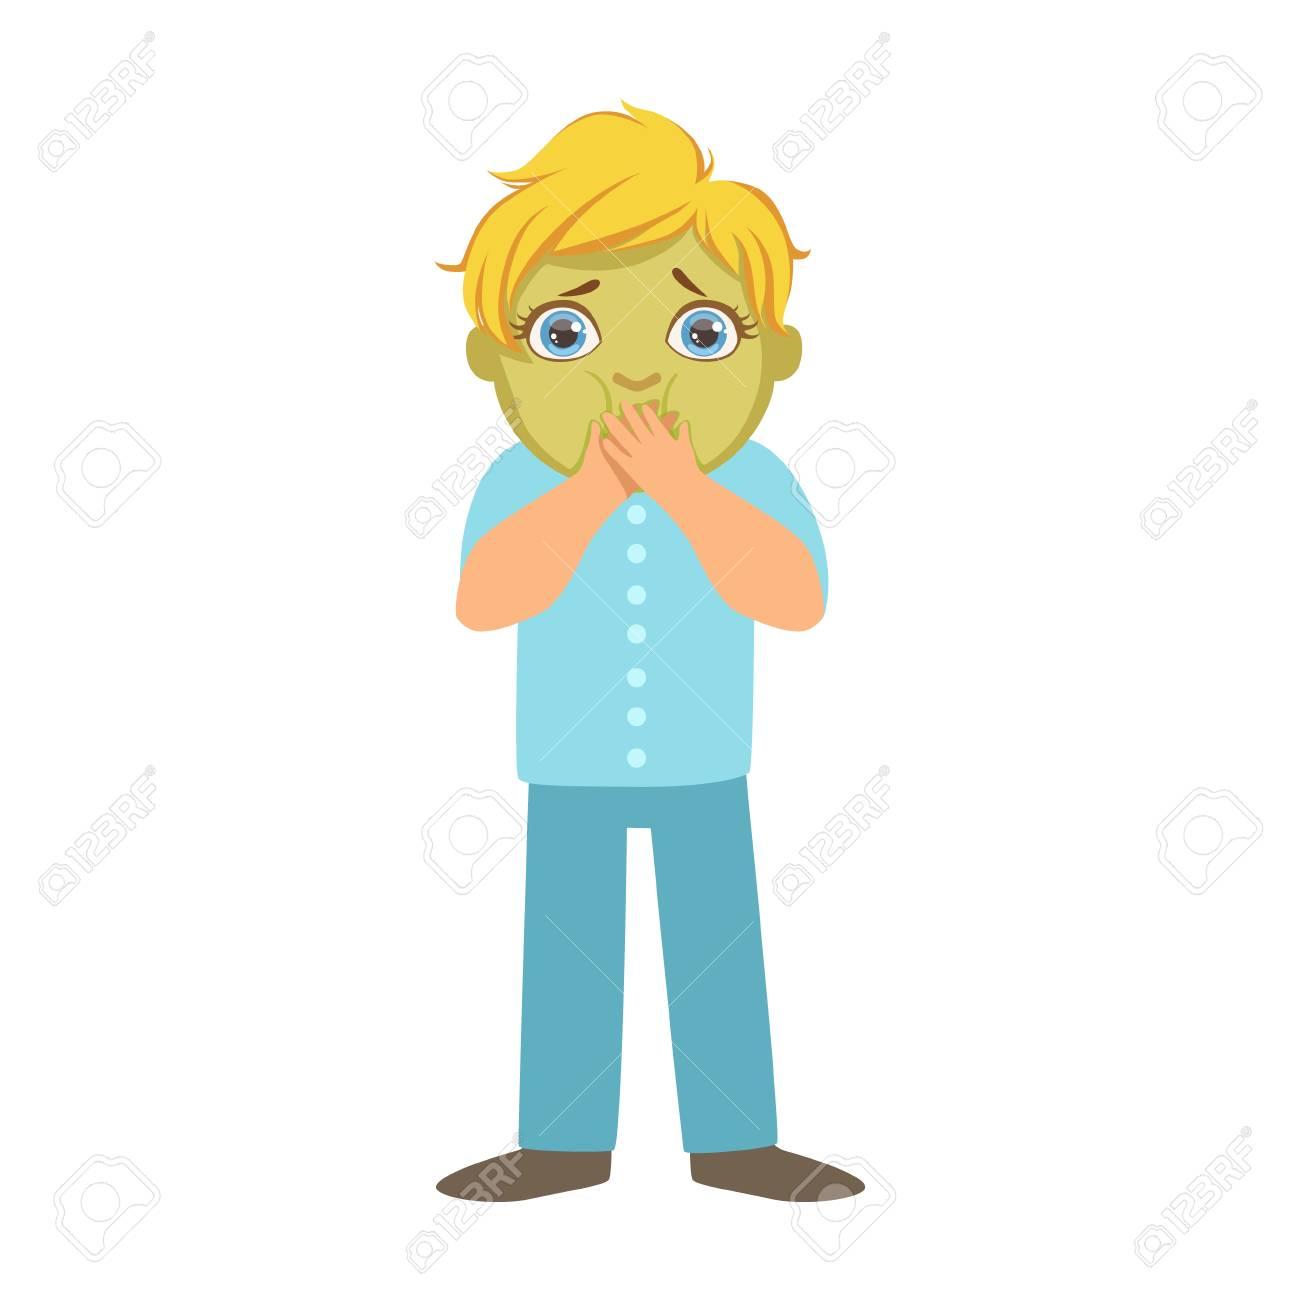 緑顔をして病気の子供の病気子供の部分とイラストの健康問題シリーズ